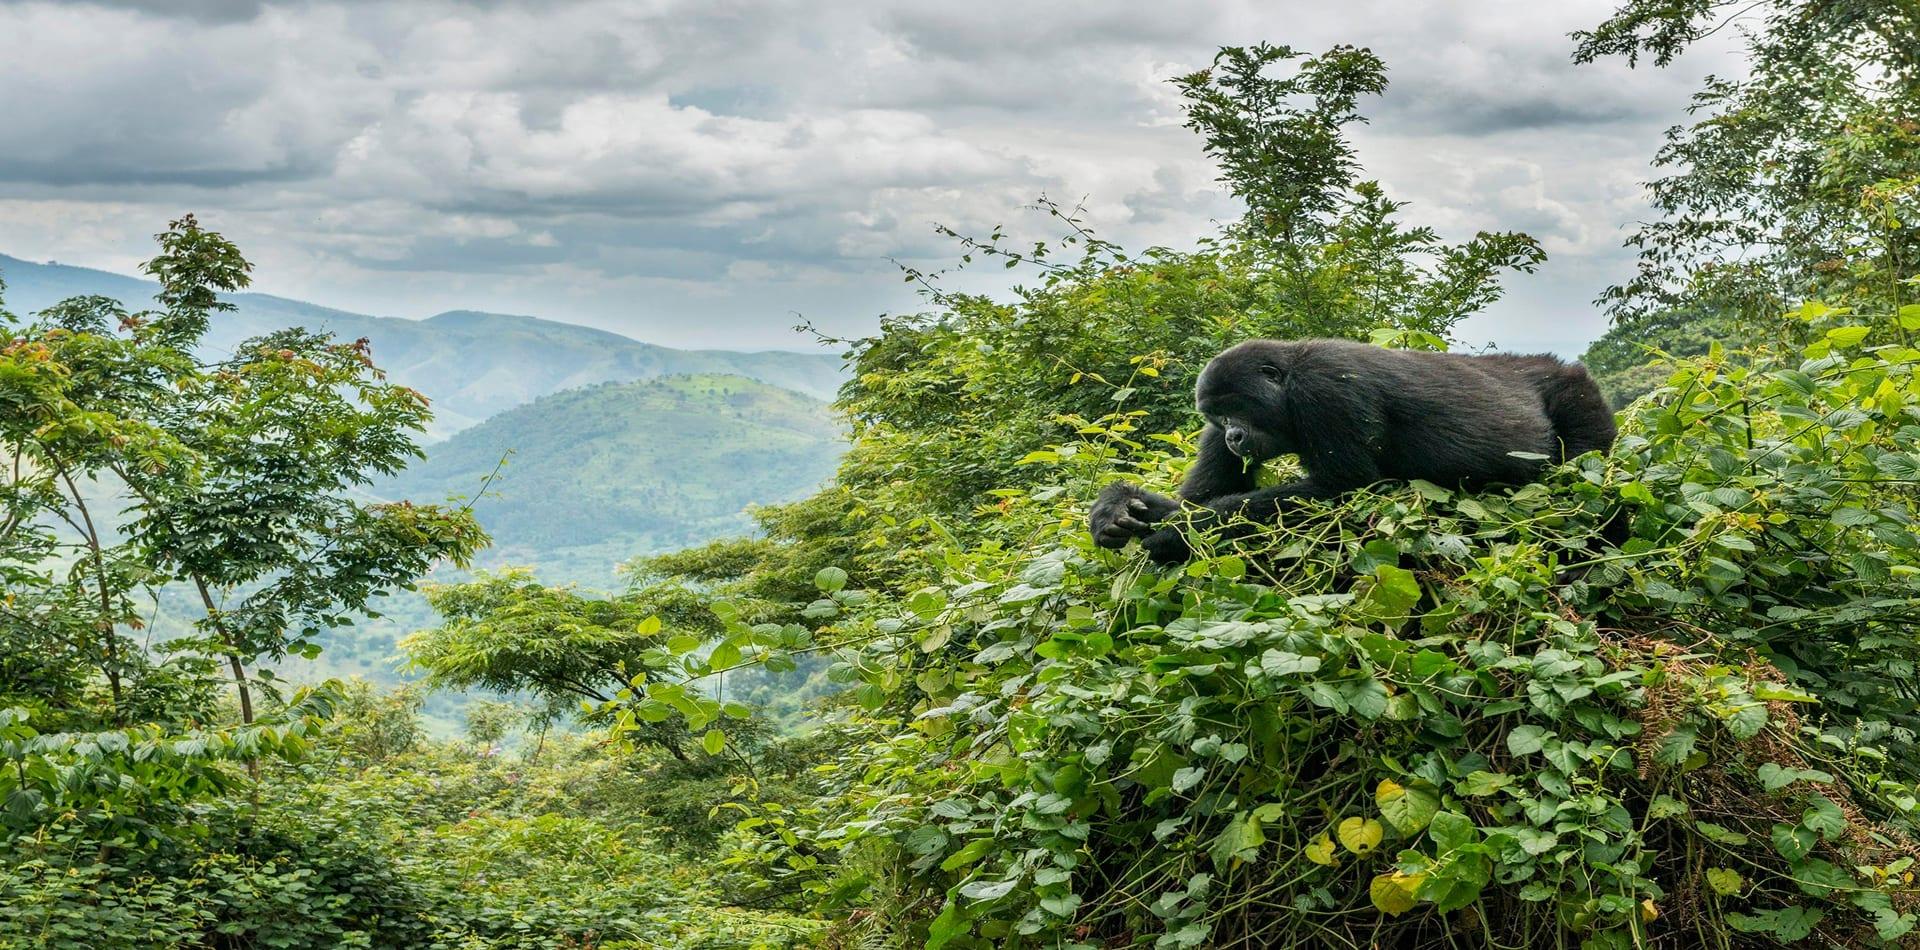 HERO Gorilla in Treetops of Uganda